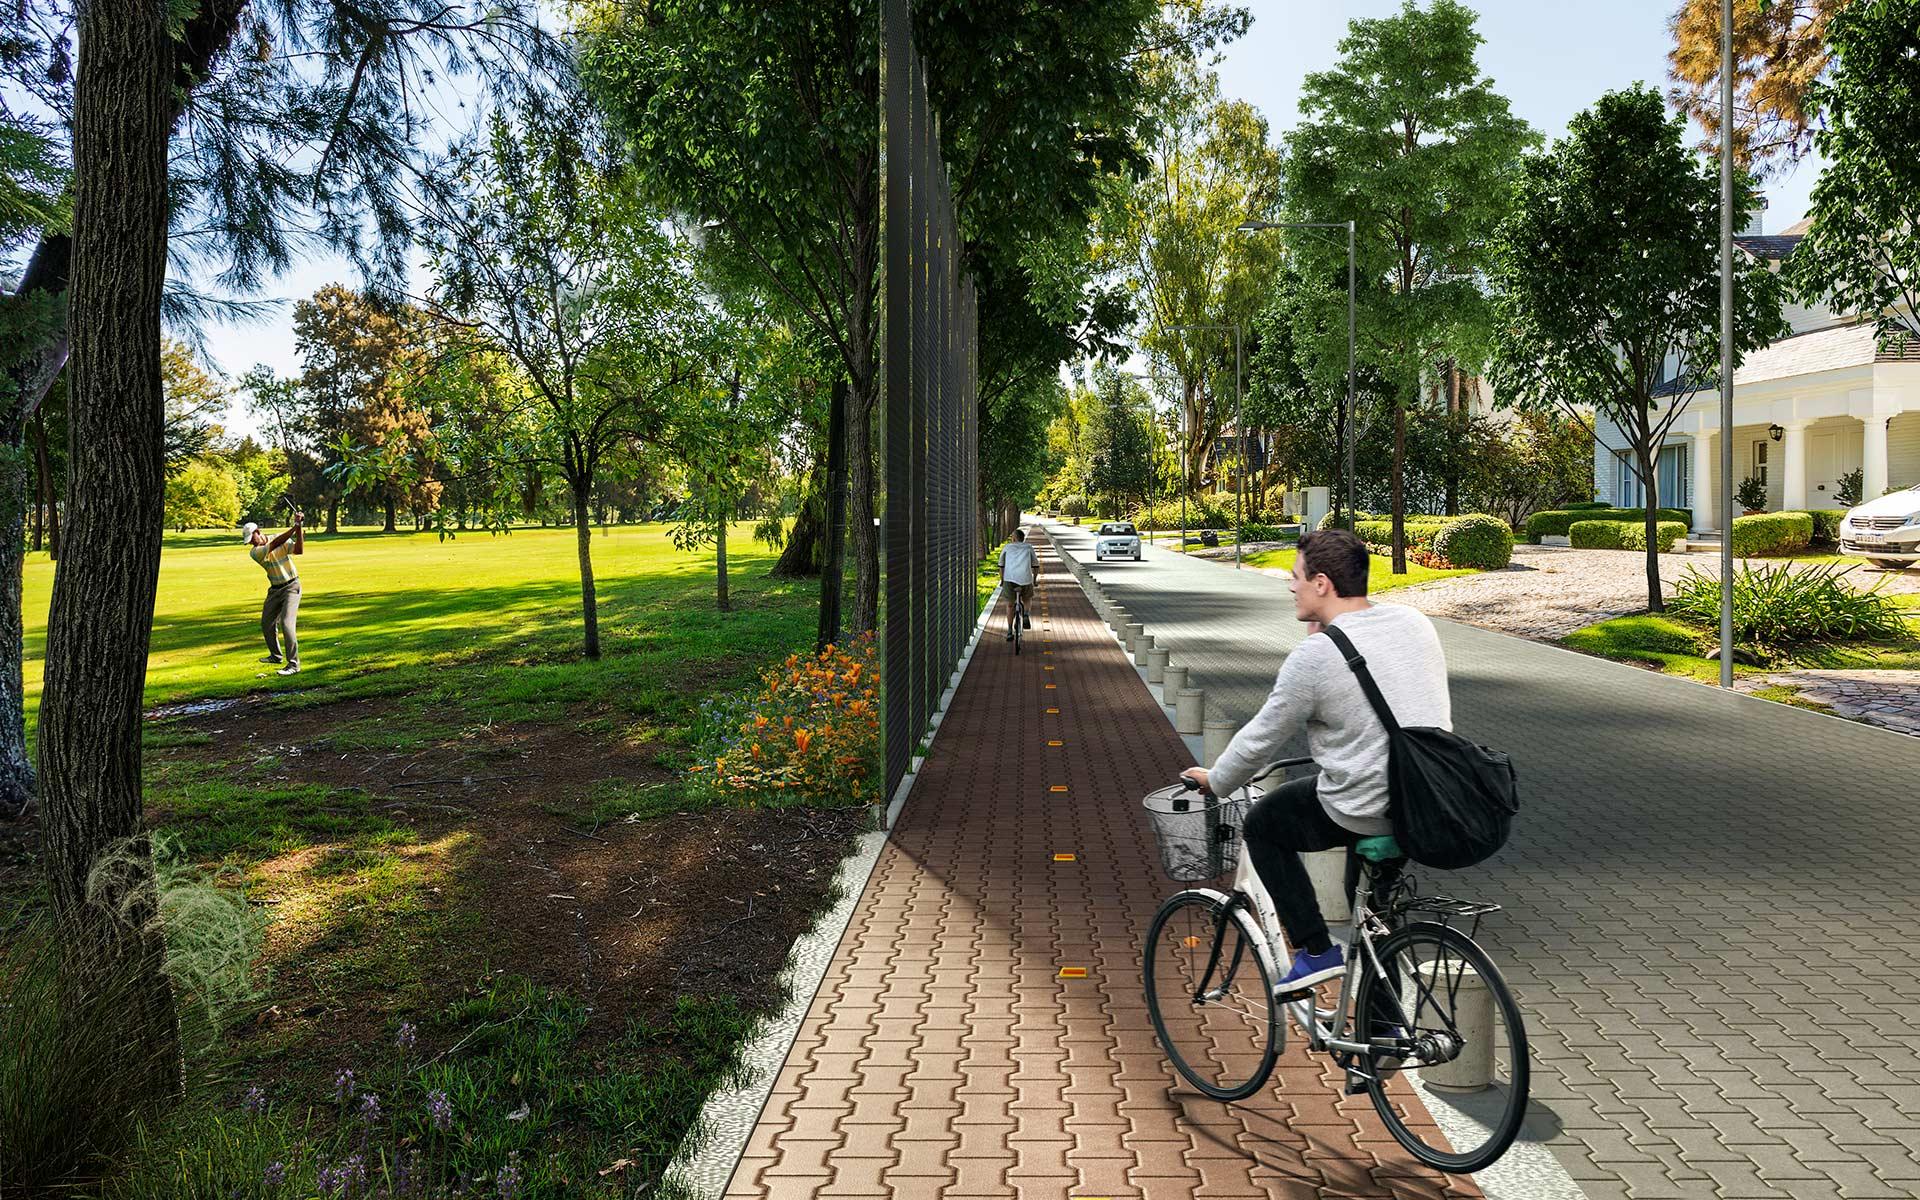 Paisaje, masterplan miraflores puesta en valor cancha de golf, nuevo sistema de ciclovías